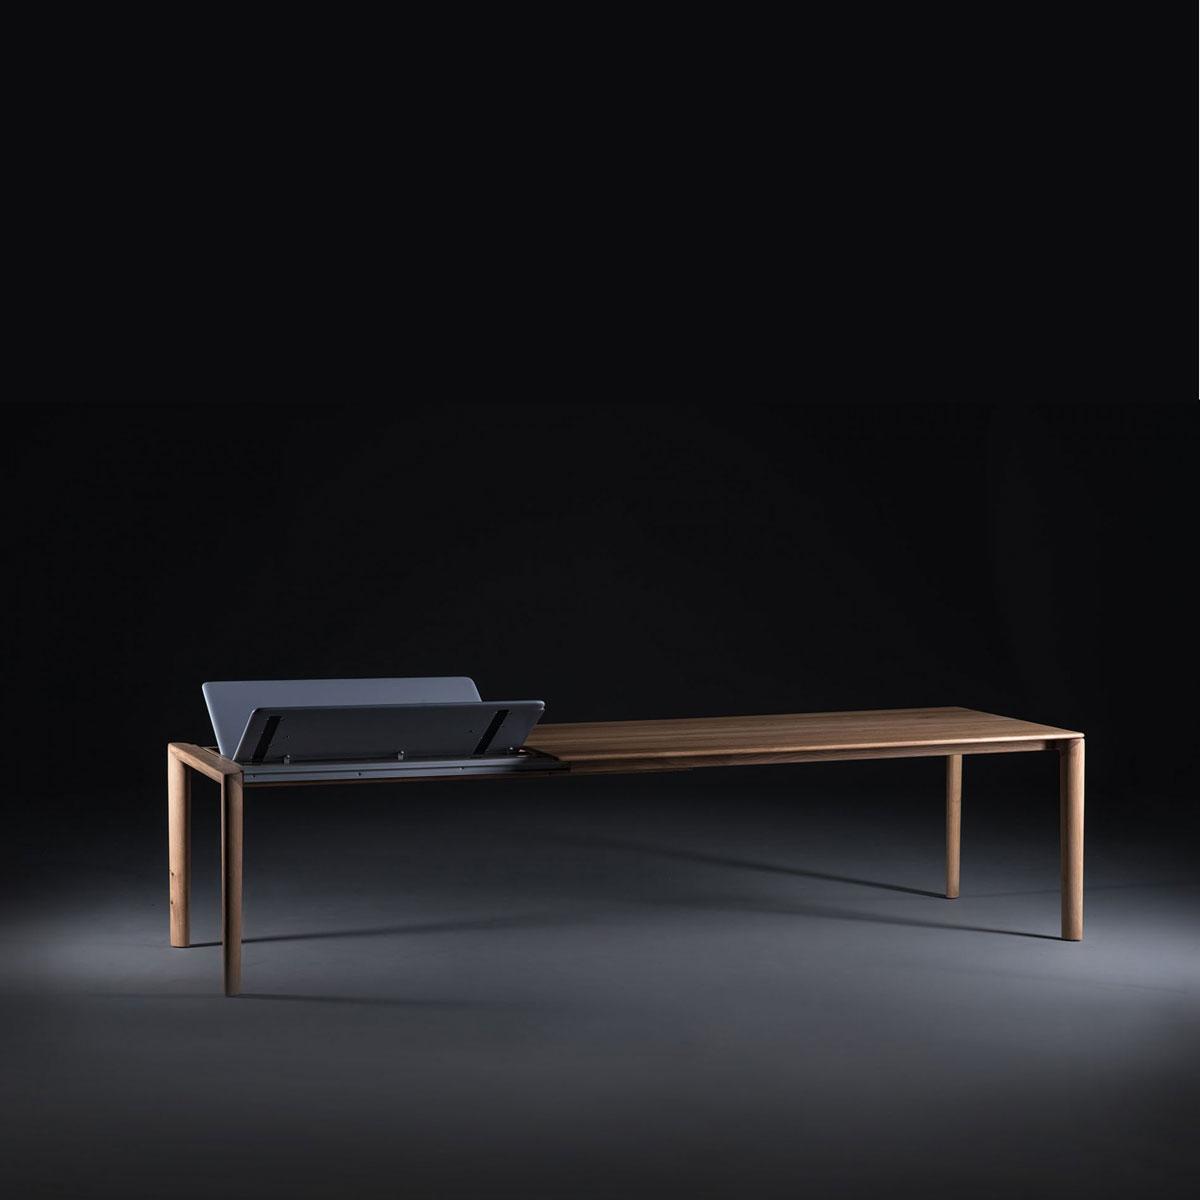 Mesa Neva con mecanismo en madera de diseño moderno, producida artesanalmente y de forma exclusiva para Artisan